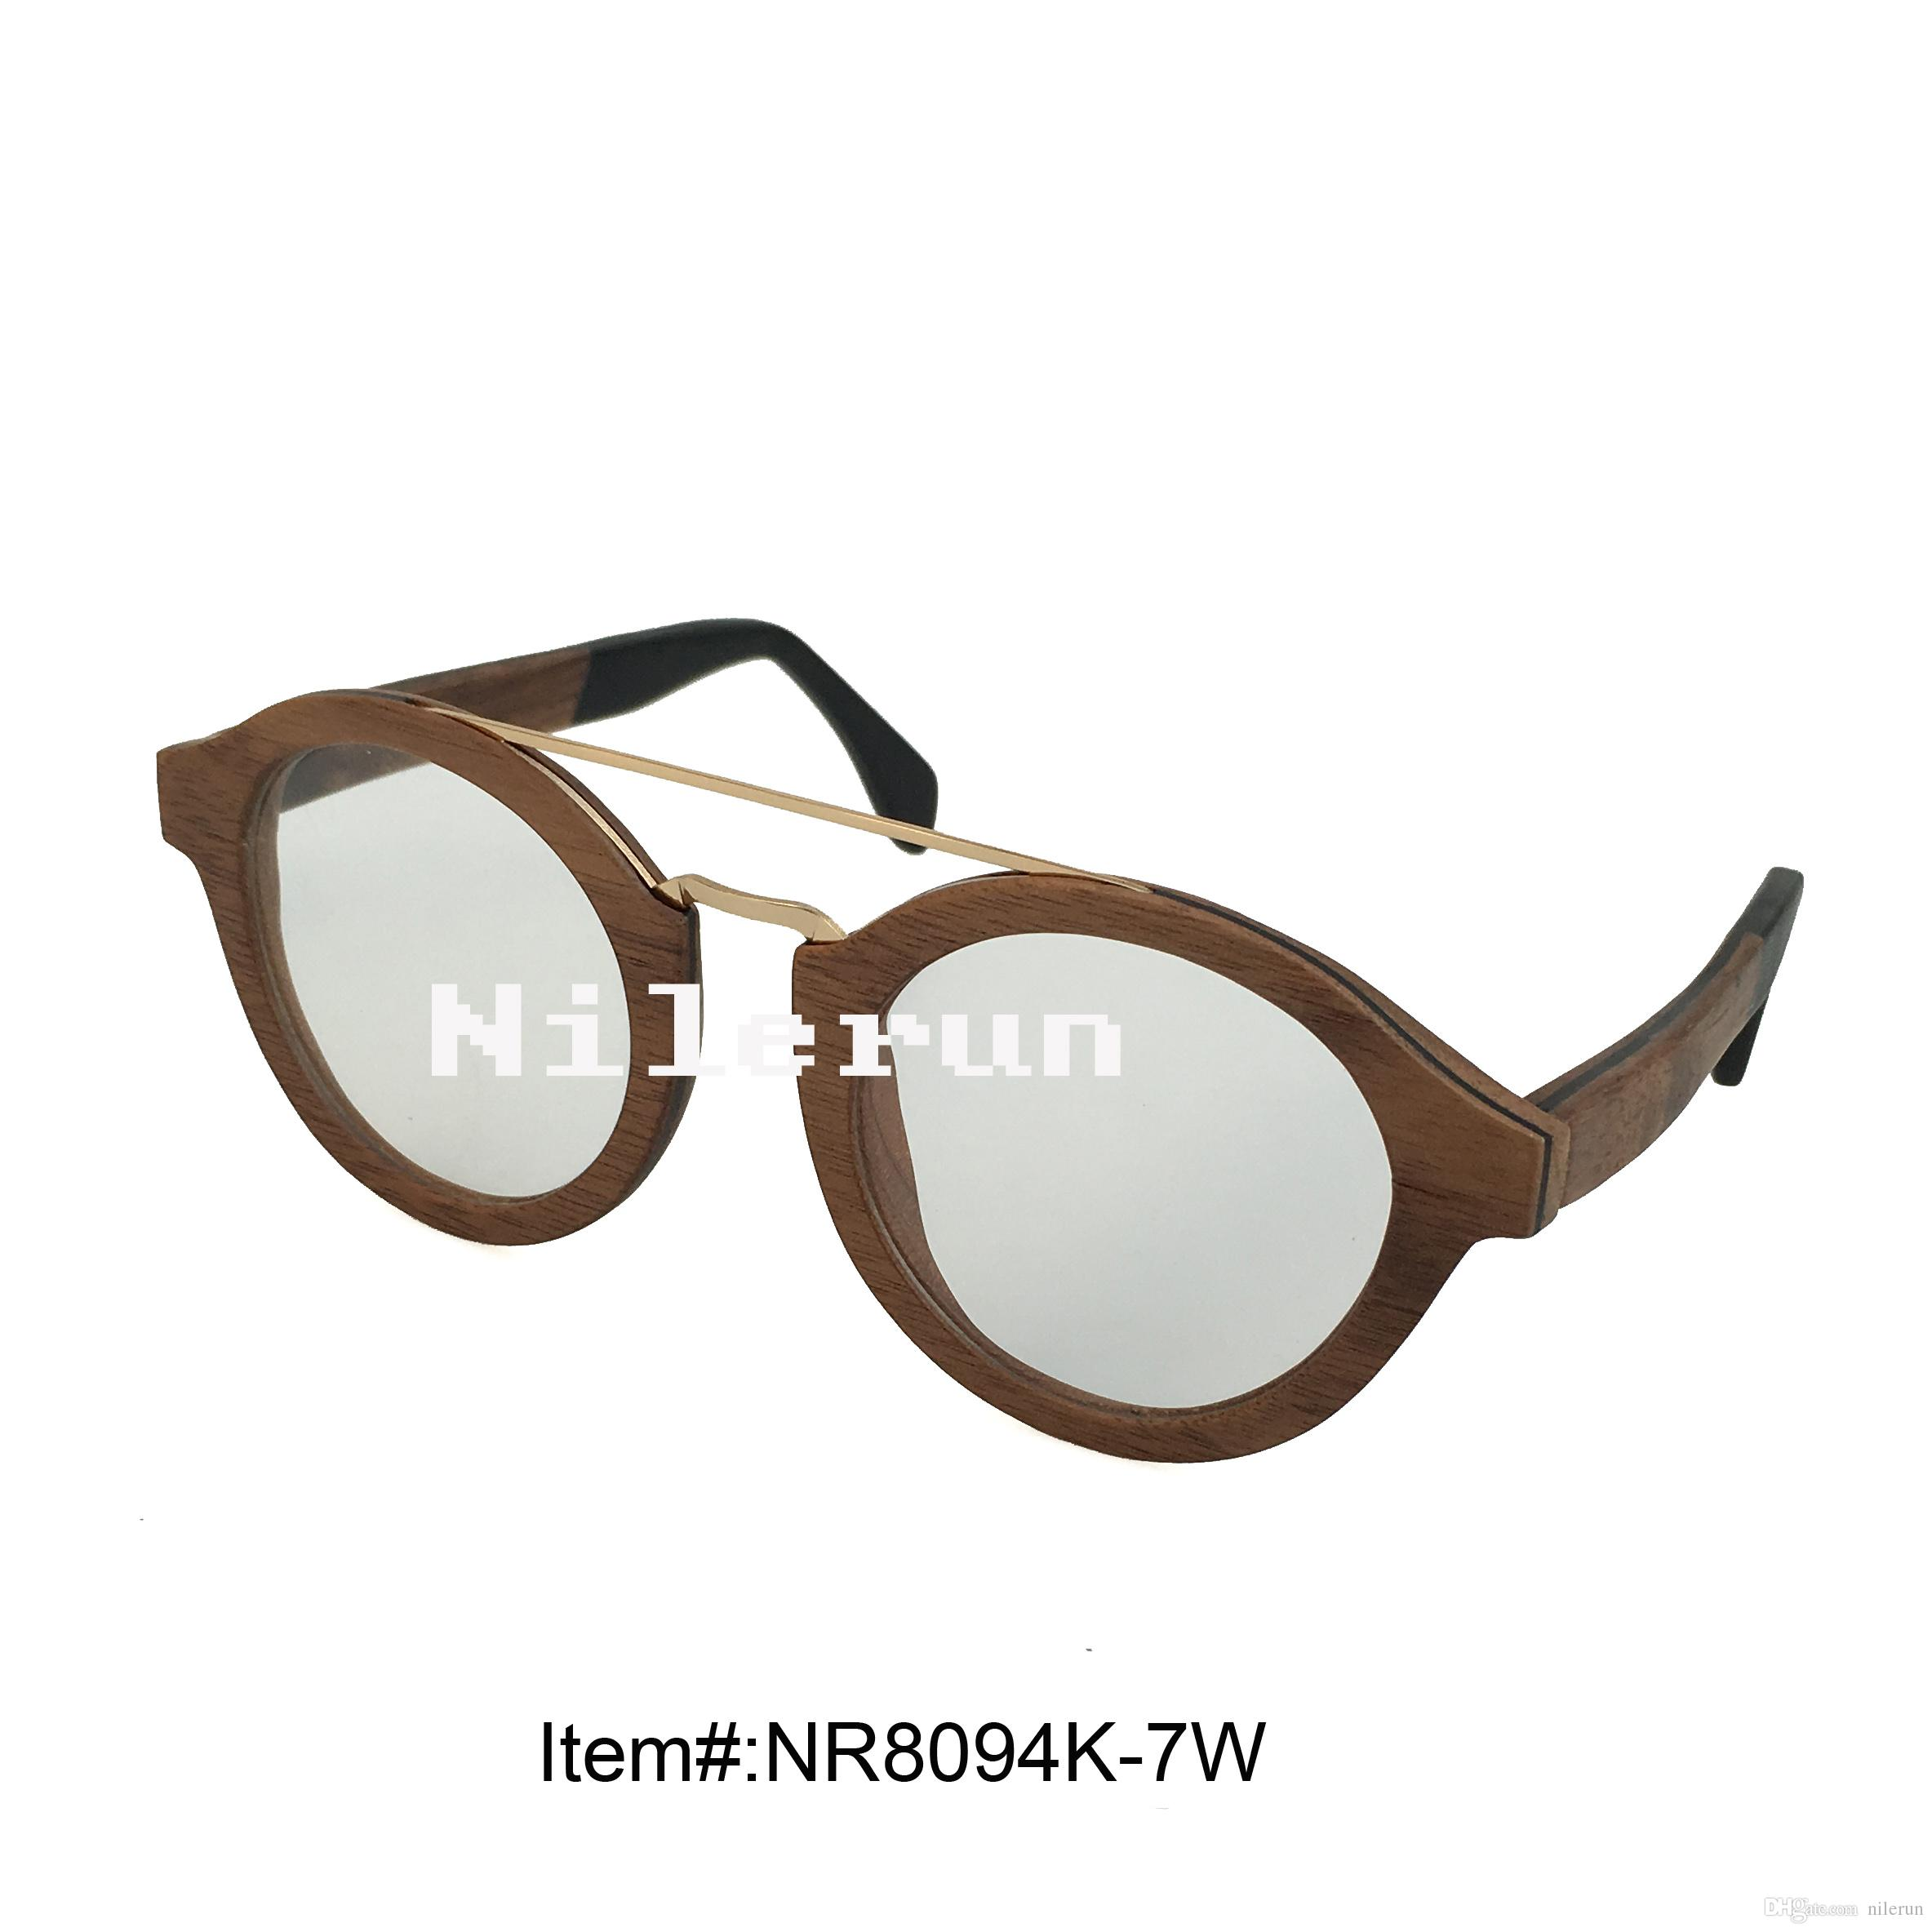 Fashion Metal Bridge Round Walnut Wood Frame Eyeglasses With Clear ...